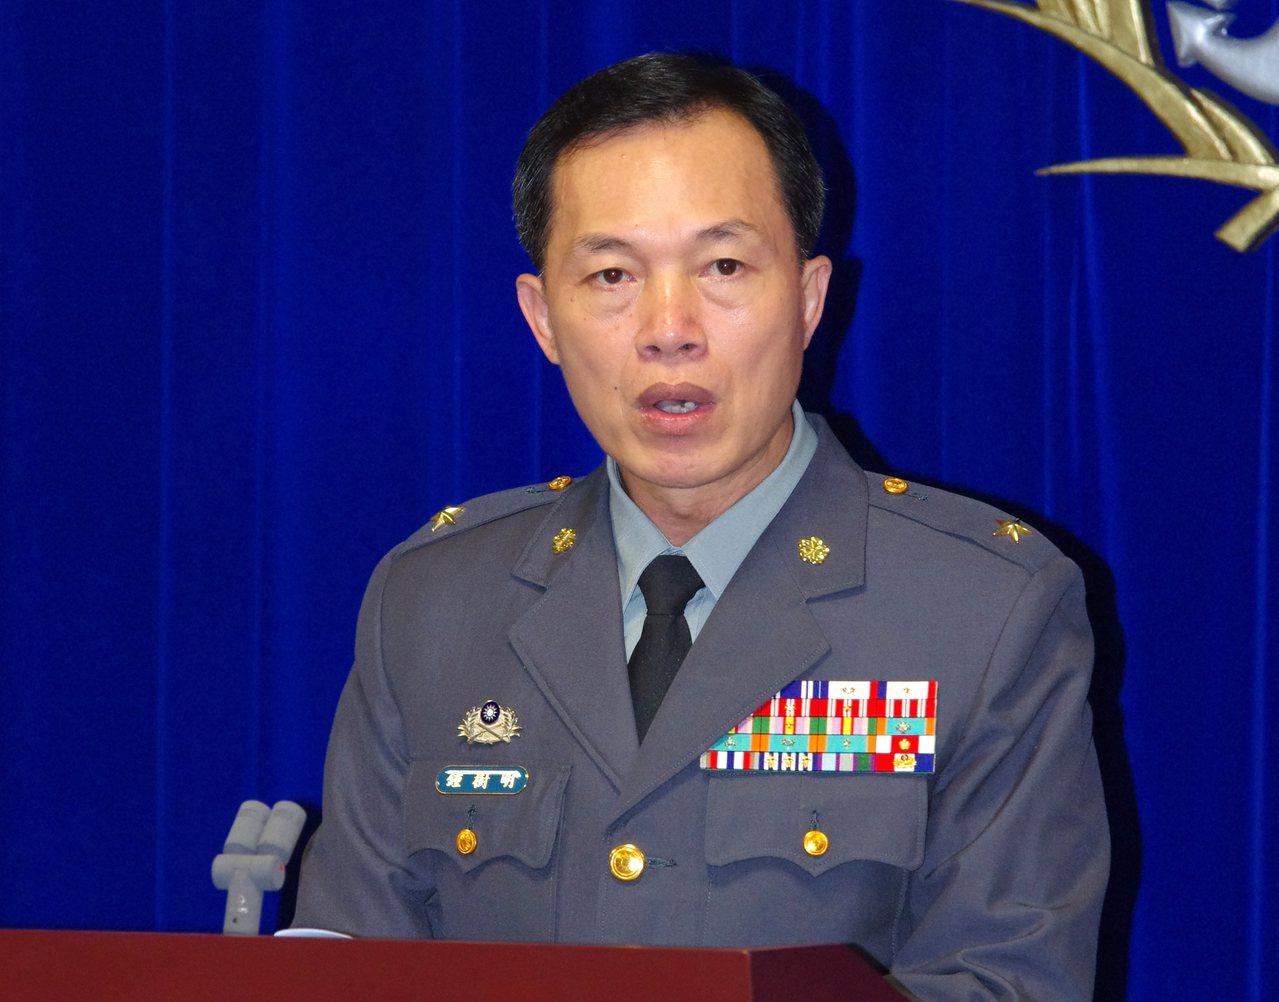 憲兵指揮部指揮官鍾樹明中將接任總統府侍衛長。圖/聯合報系資料照